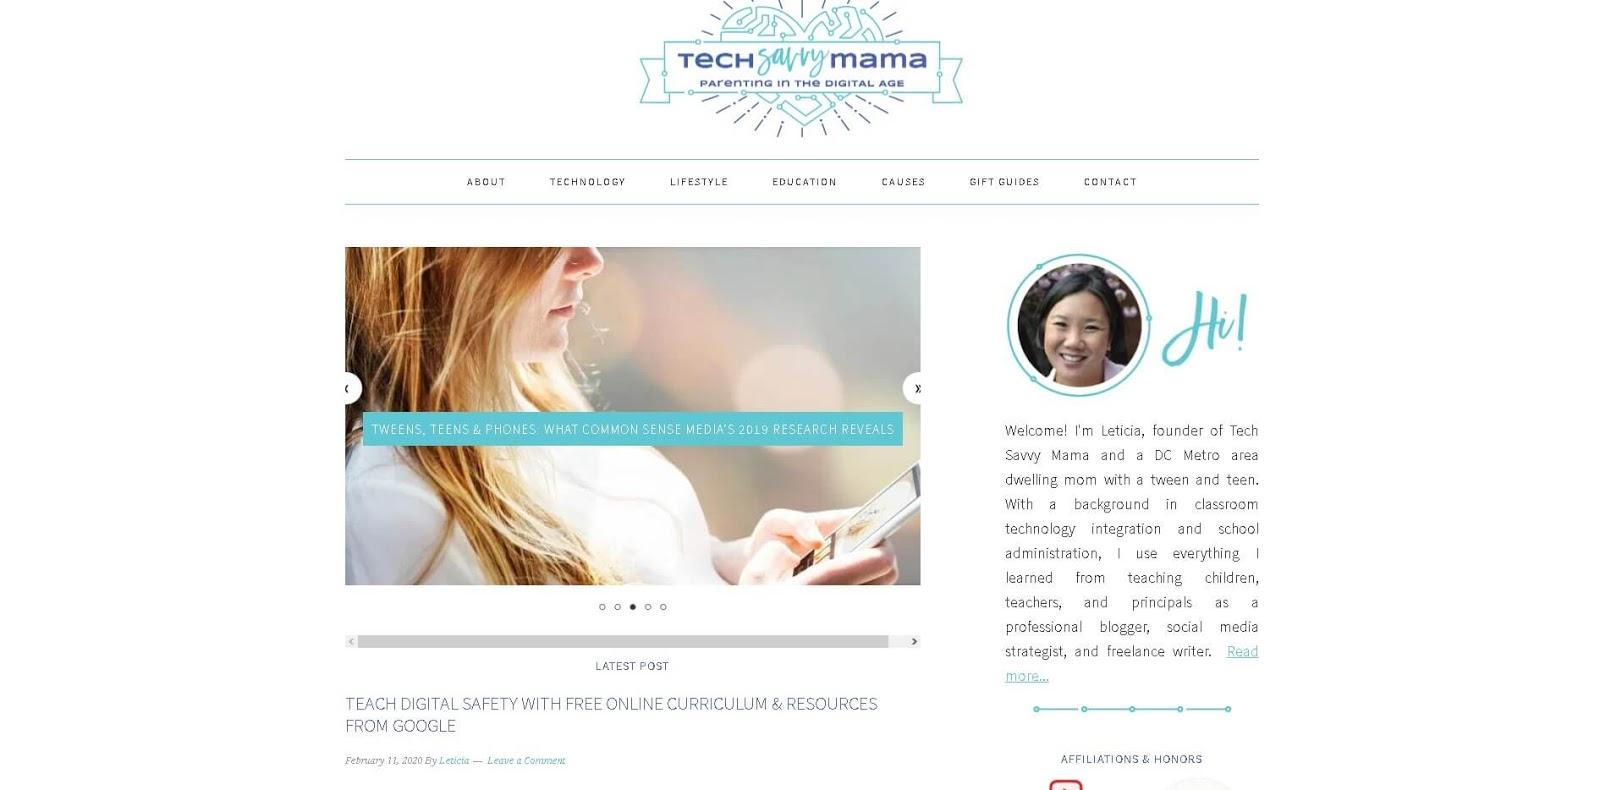 luchshie-blogi-mam-glavnaya-stranicza-tech-savvy-mama-skrinshot